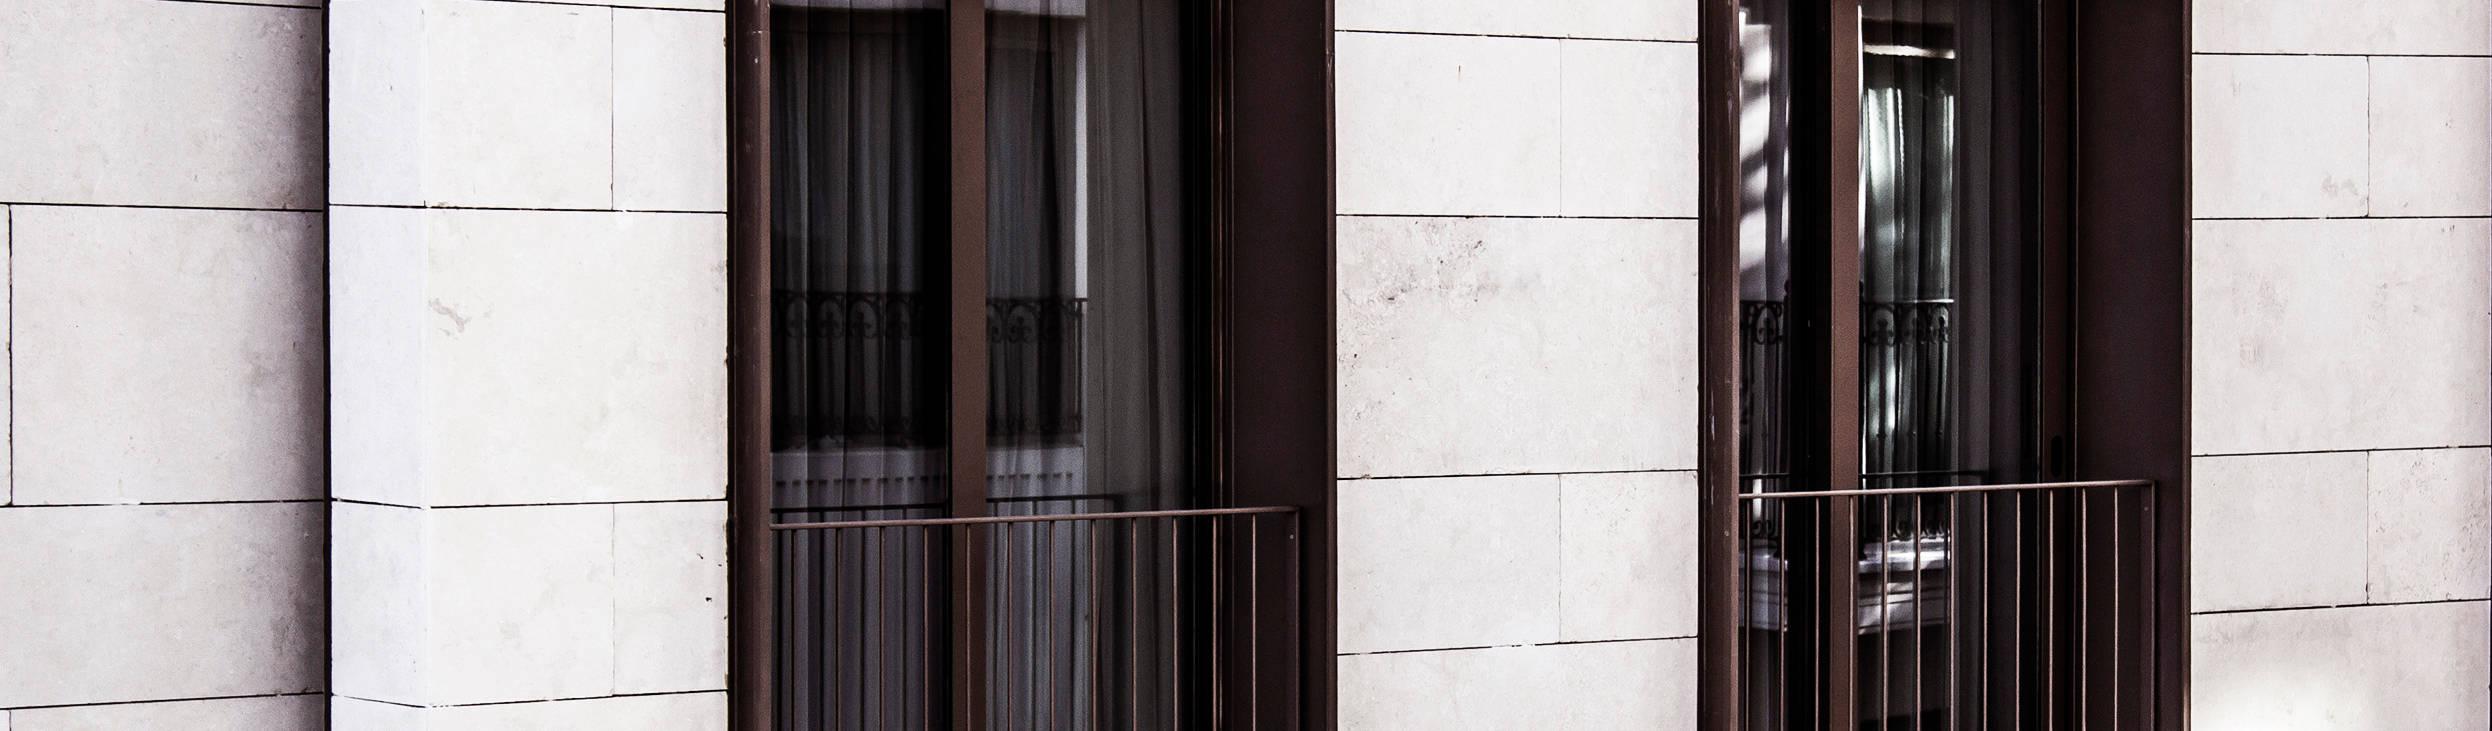 ΛRCHIST Mimarlık|Archıtecture